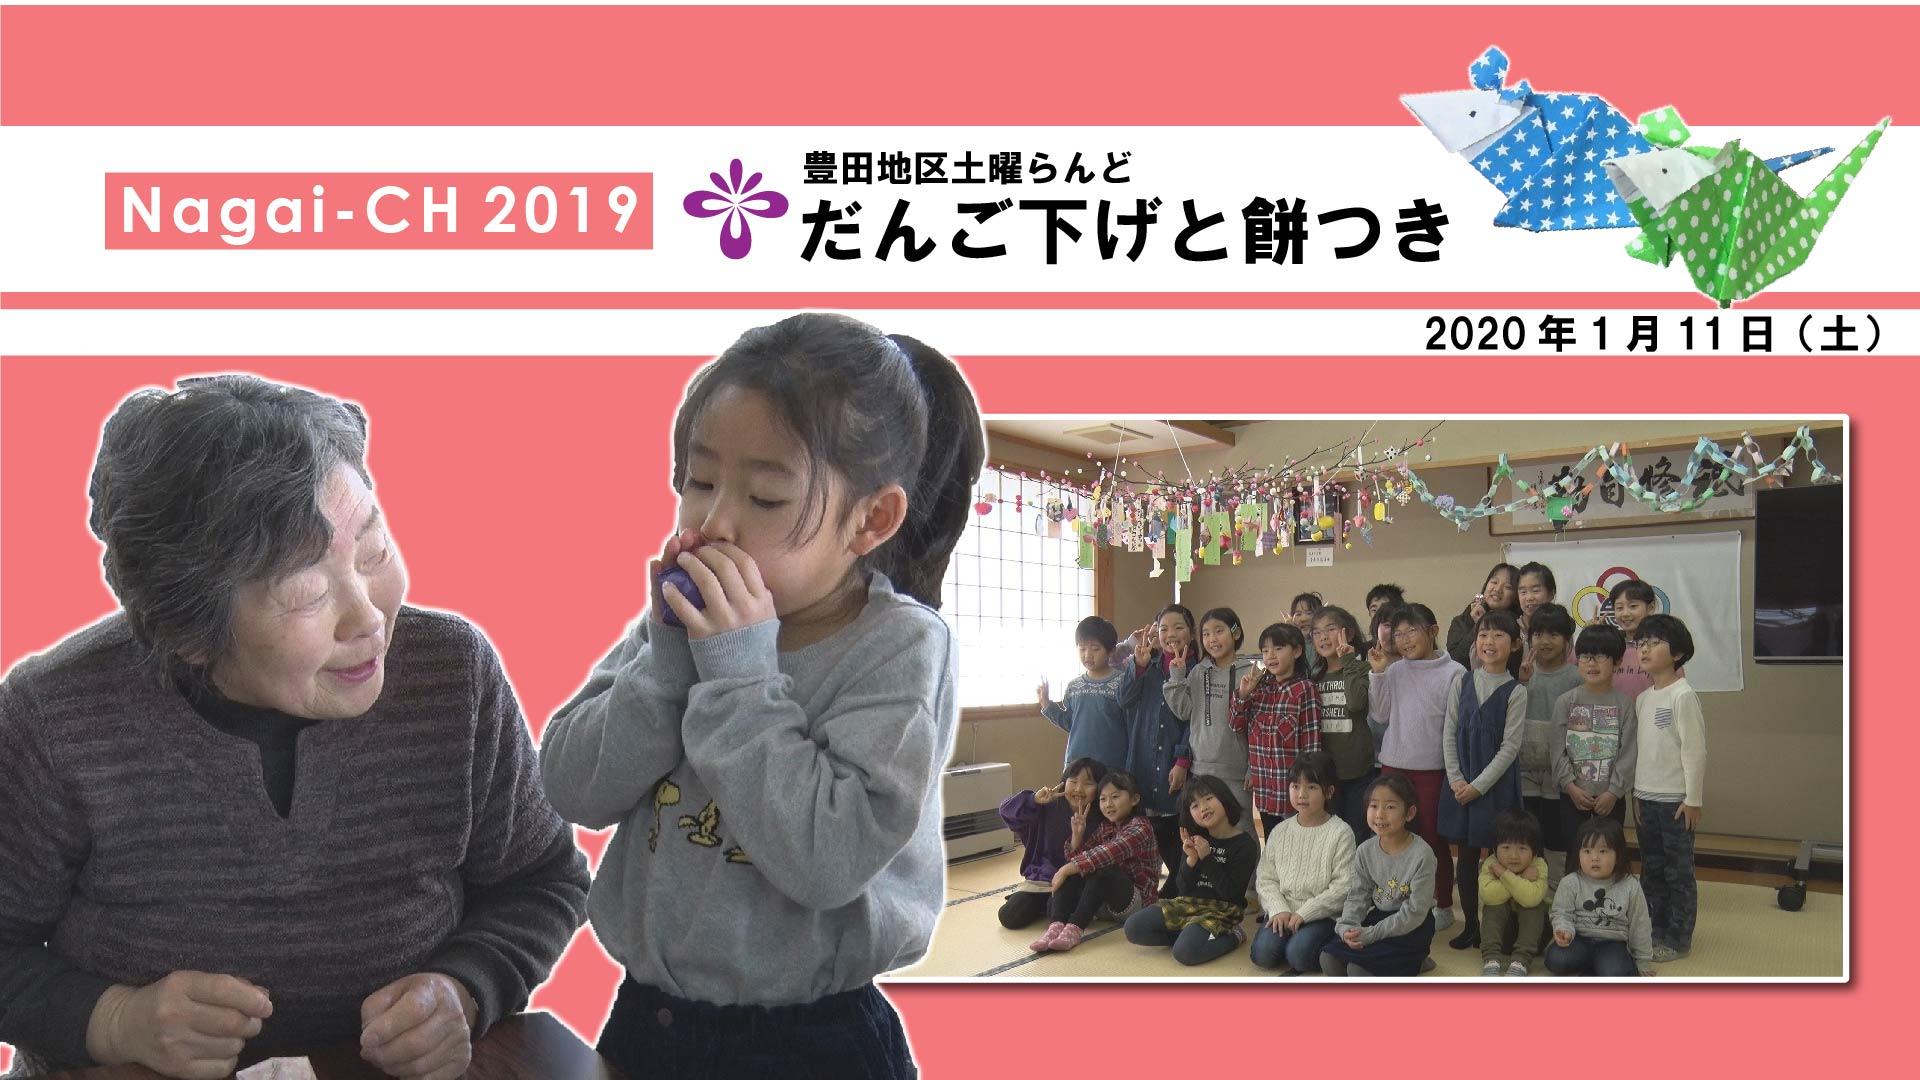 【長井市】だんご下げと餅つき[豊田コミュニティセンター](令和2年1月11日) :画像